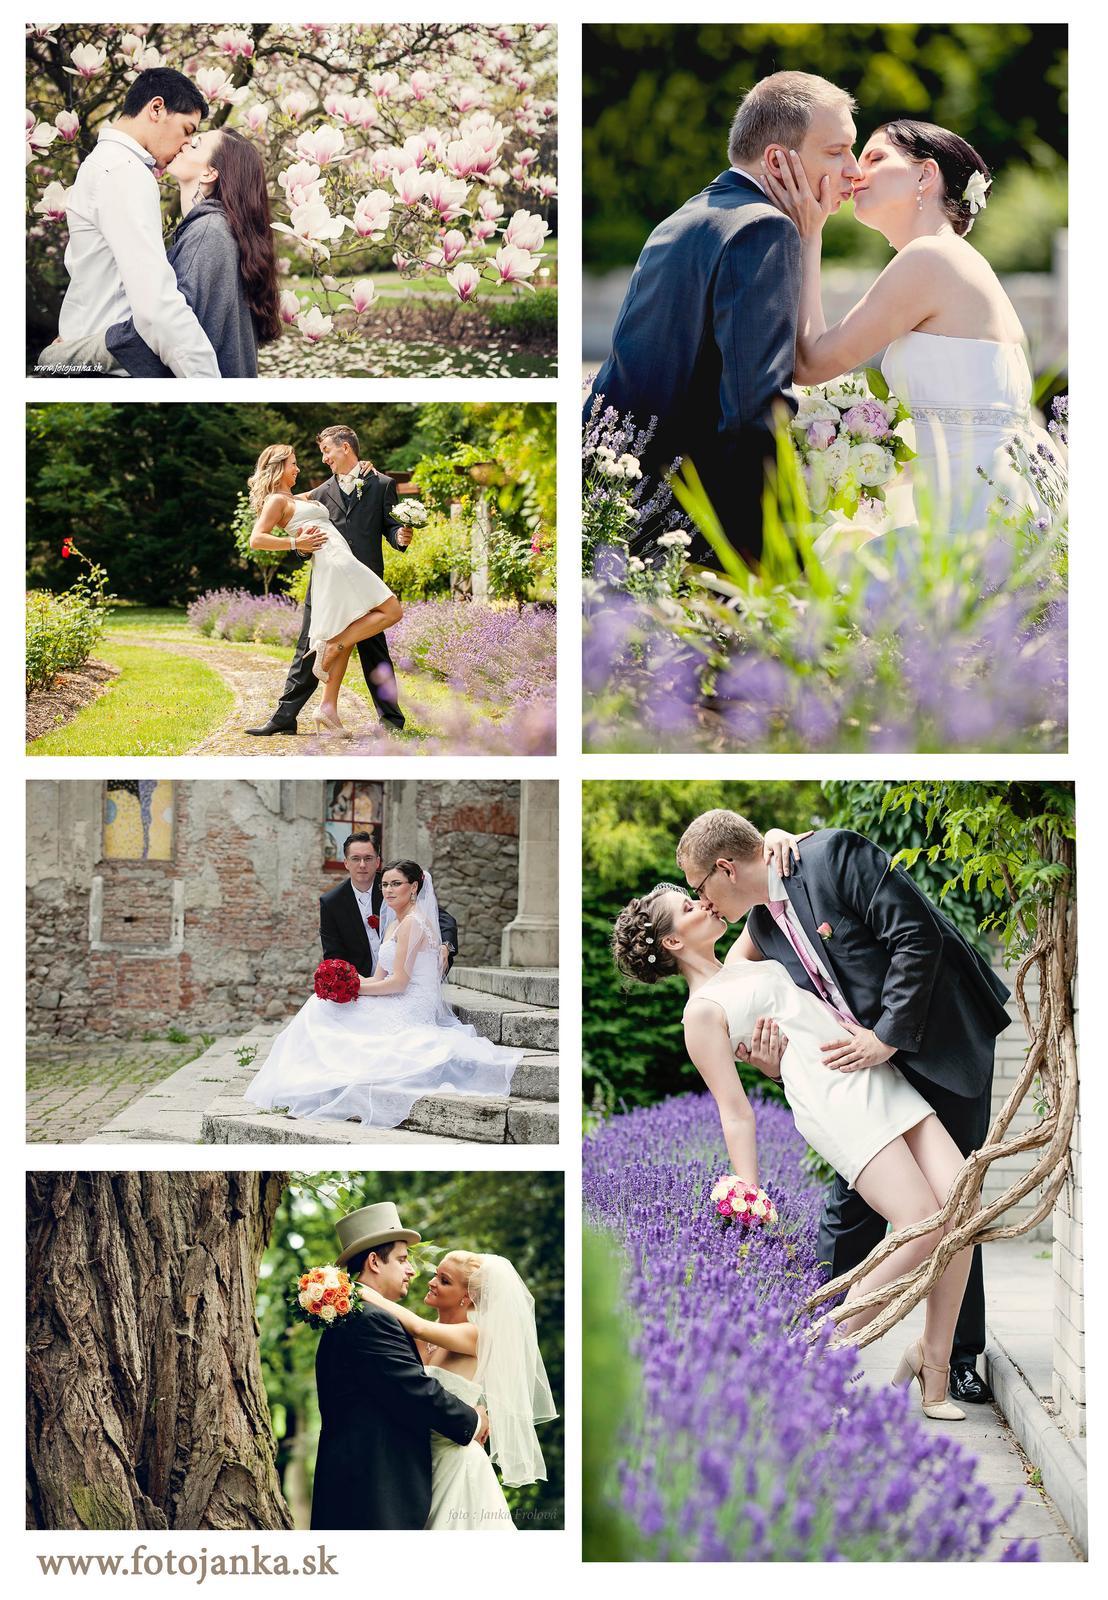 V botanickej zahrade fotim... - Obrázok č. 1